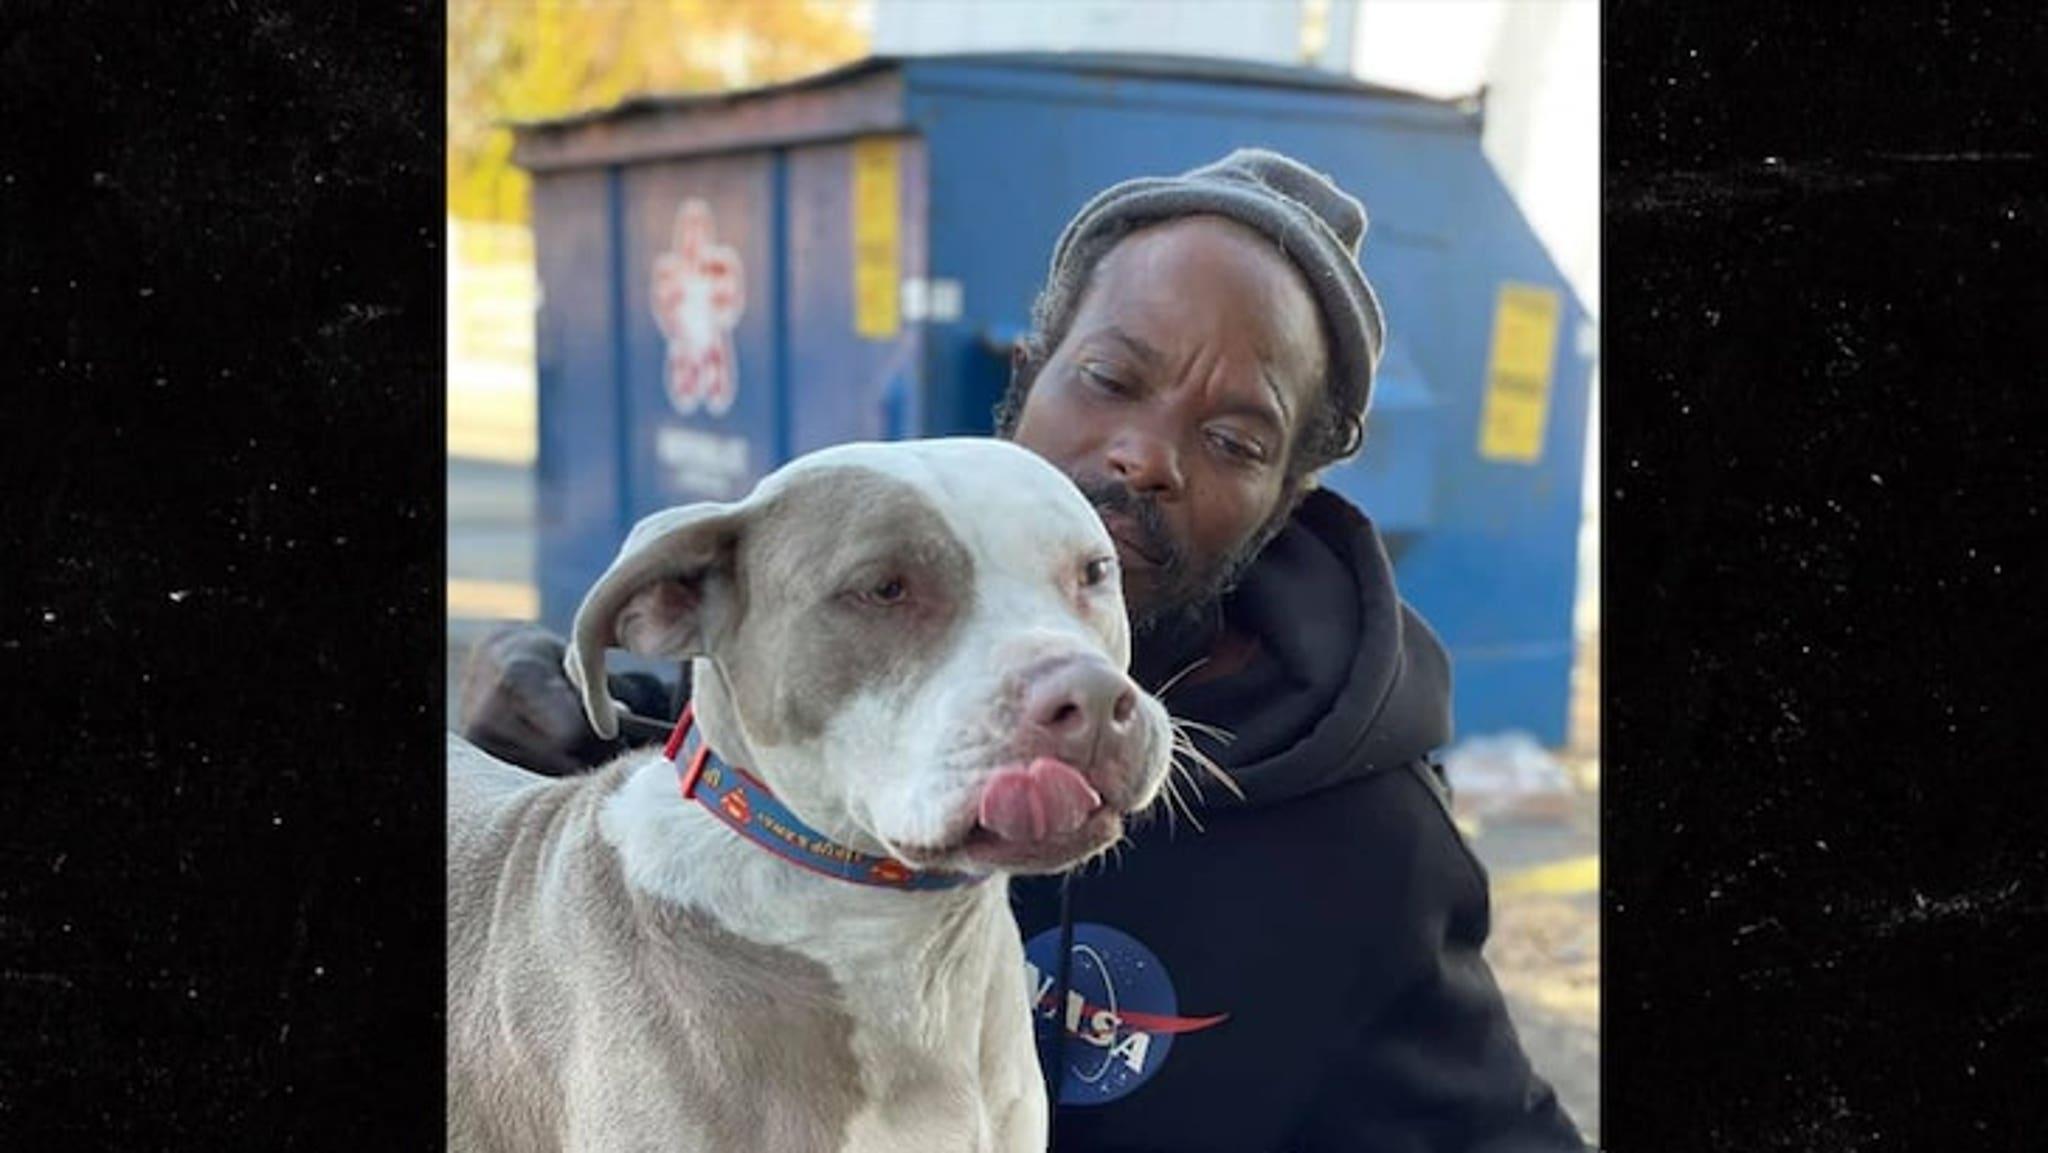 Бездомный человек из Атланты, спасший животных, получил помощь с жильем